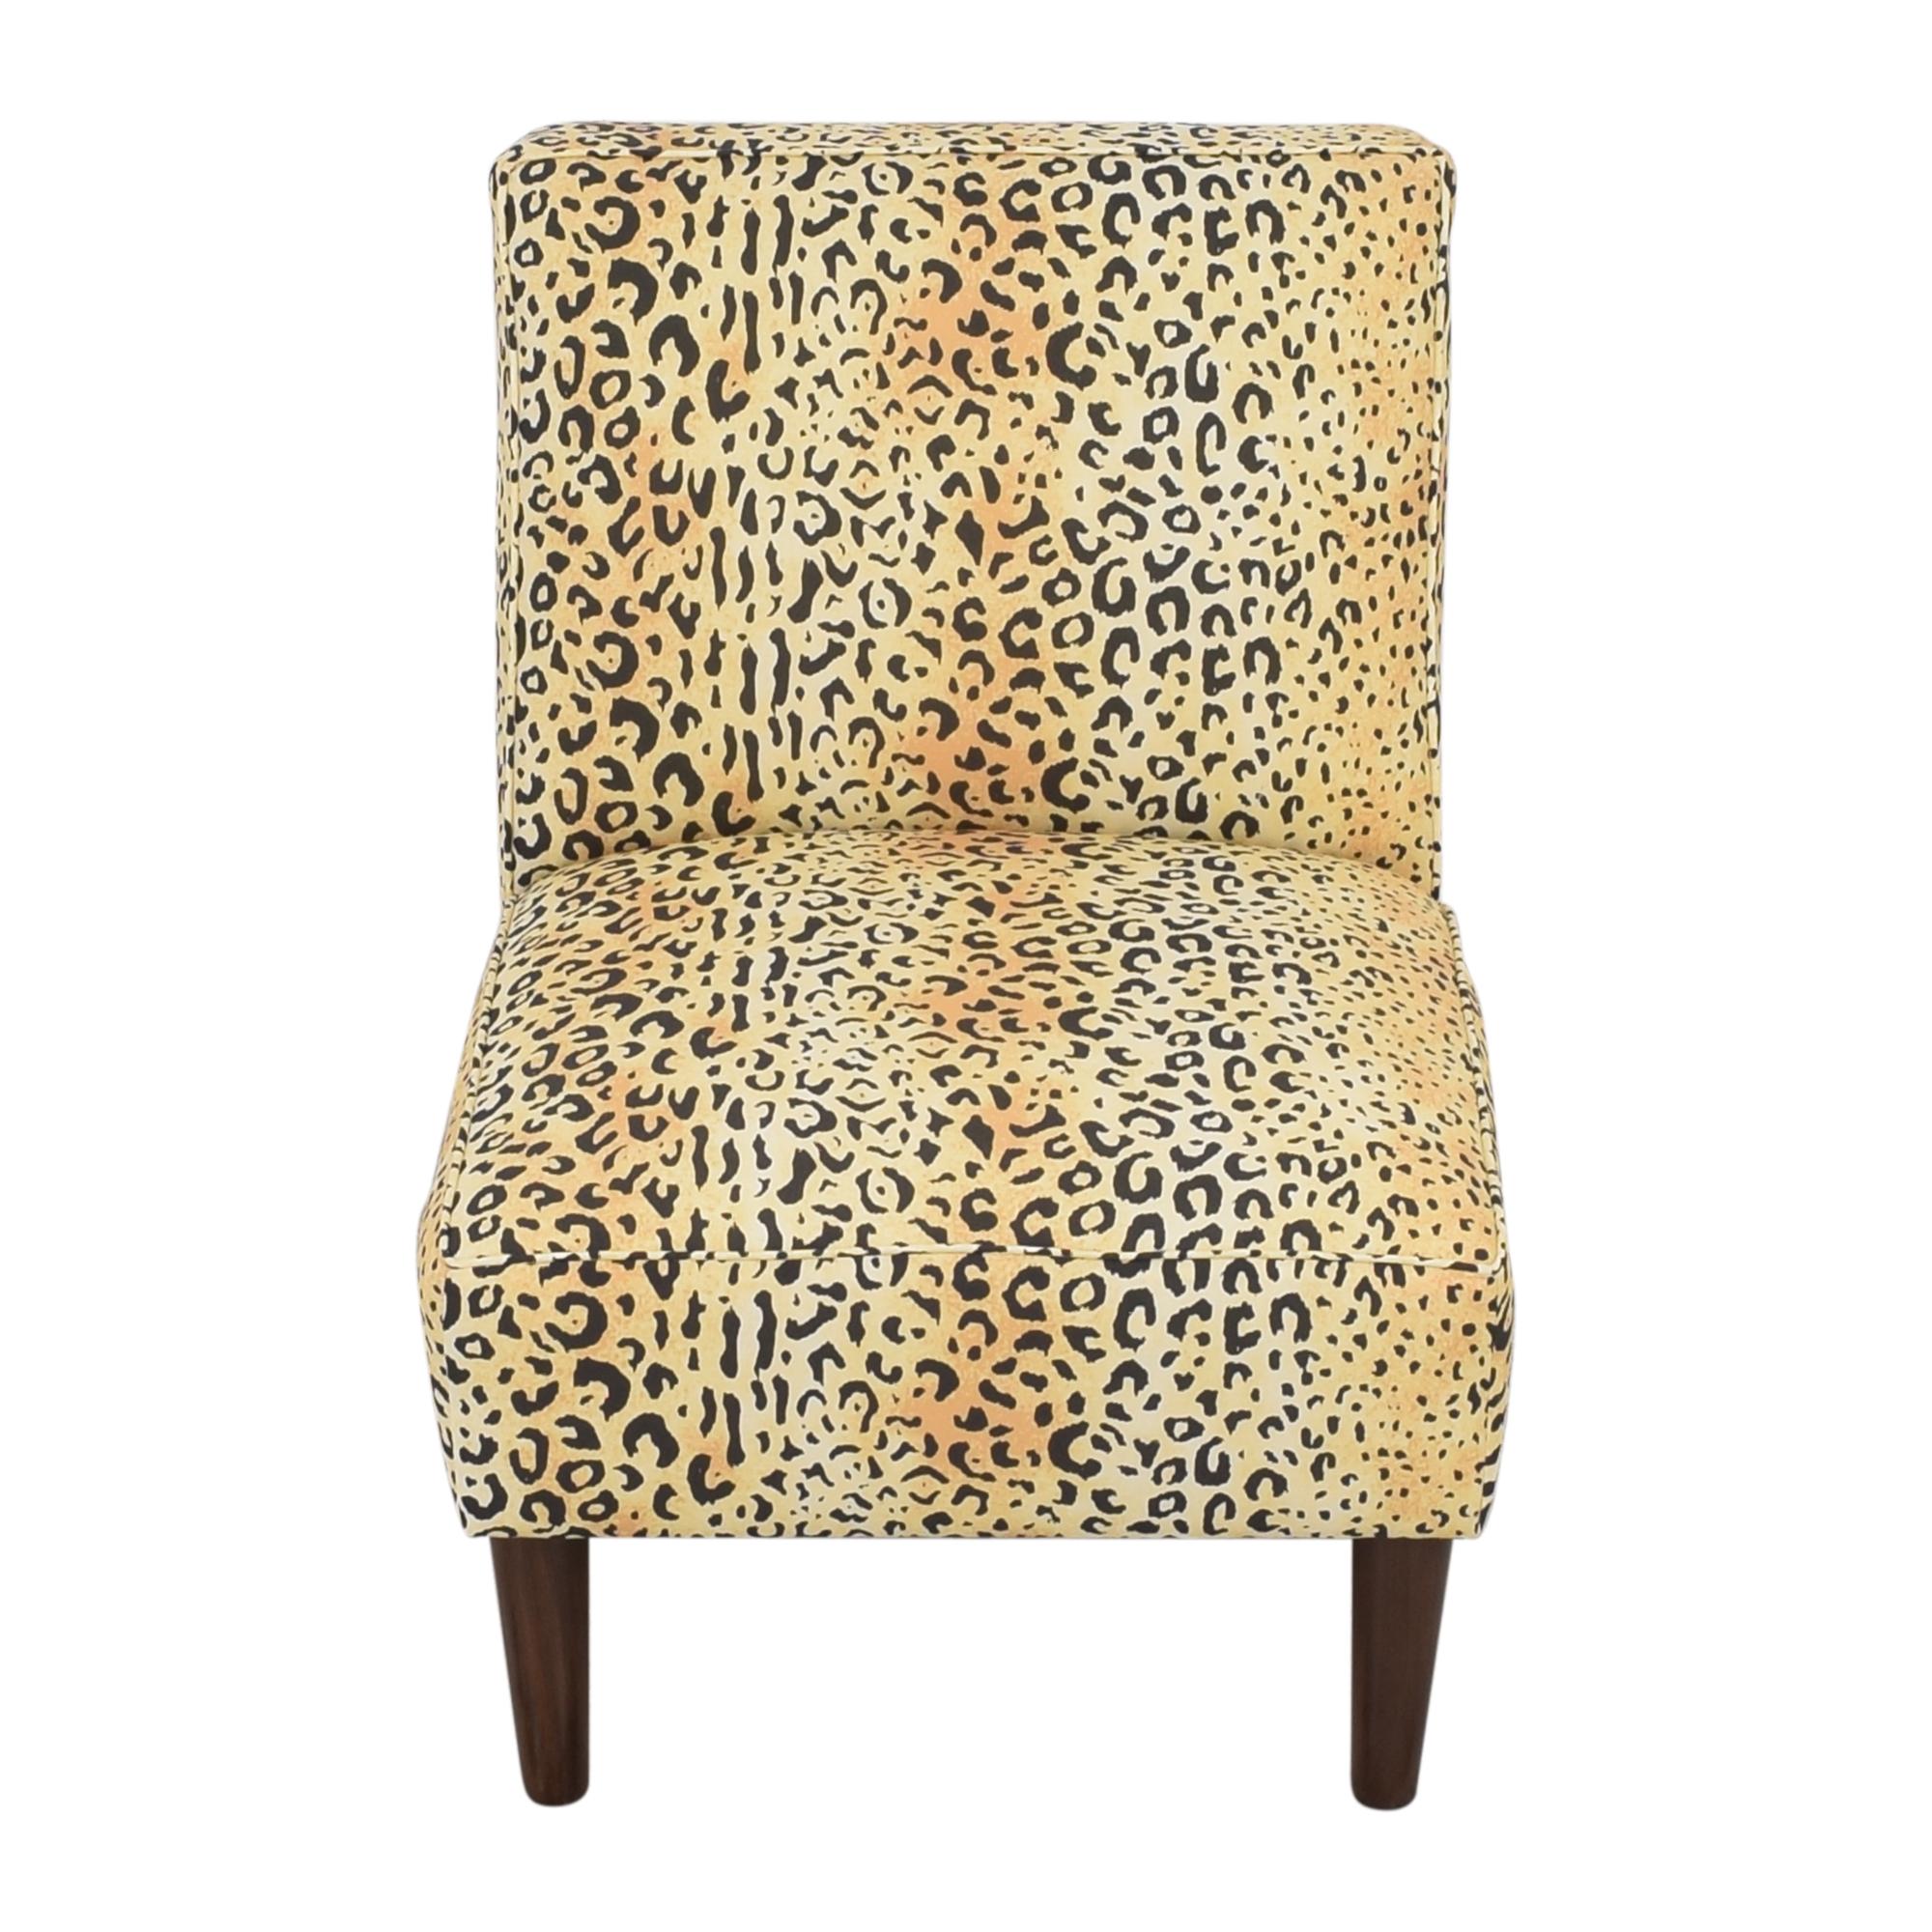 buy The Inside Slipper Chair The Inside